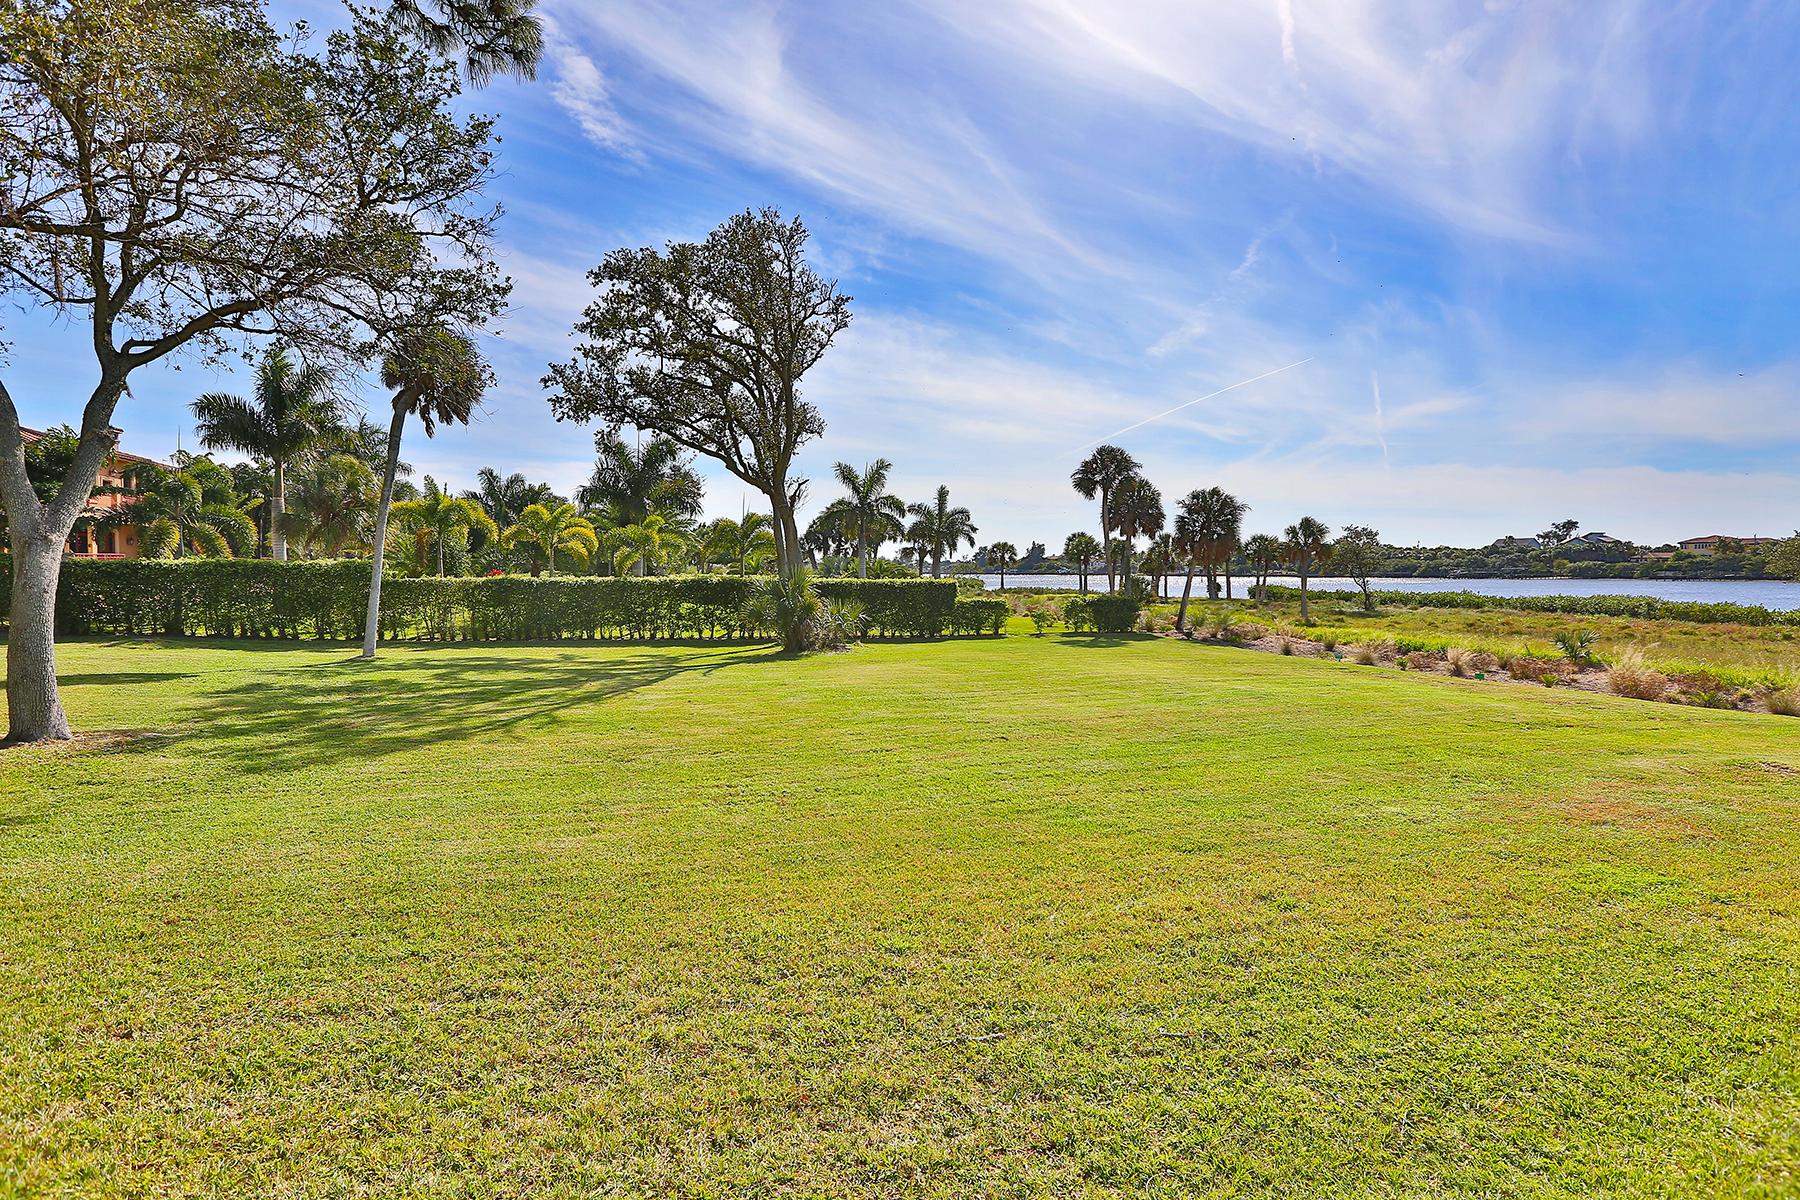 토지 용 매매 에 LEMON BAY ESTATES 5840 Jamila River Dr 8 Venice, 플로리다 34293 미국